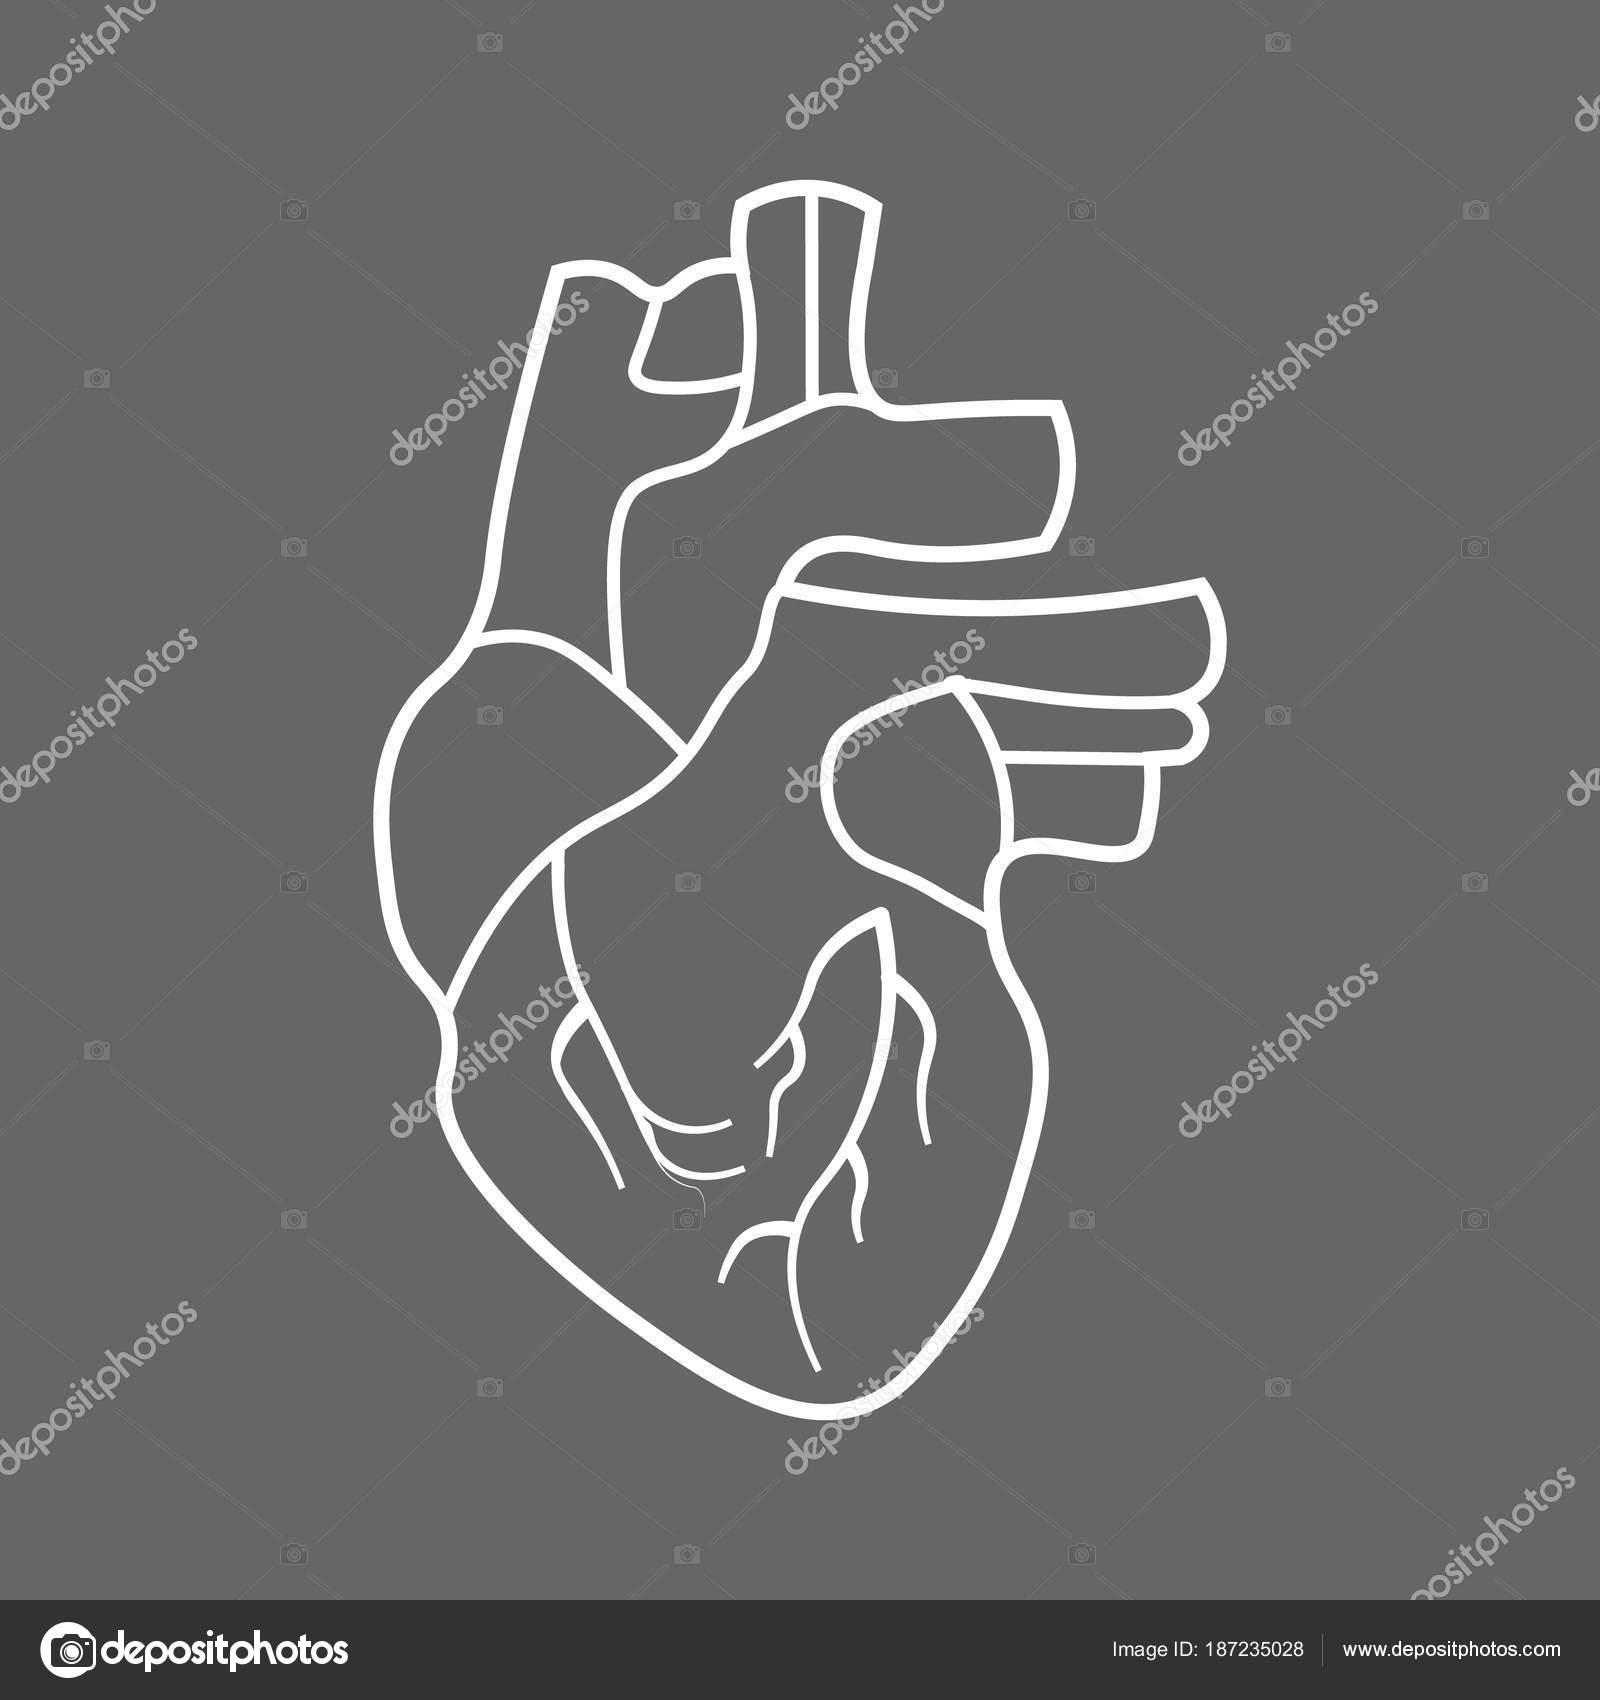 Icono de línea estilizada corazón humano Anatomía — Vector de stock ...